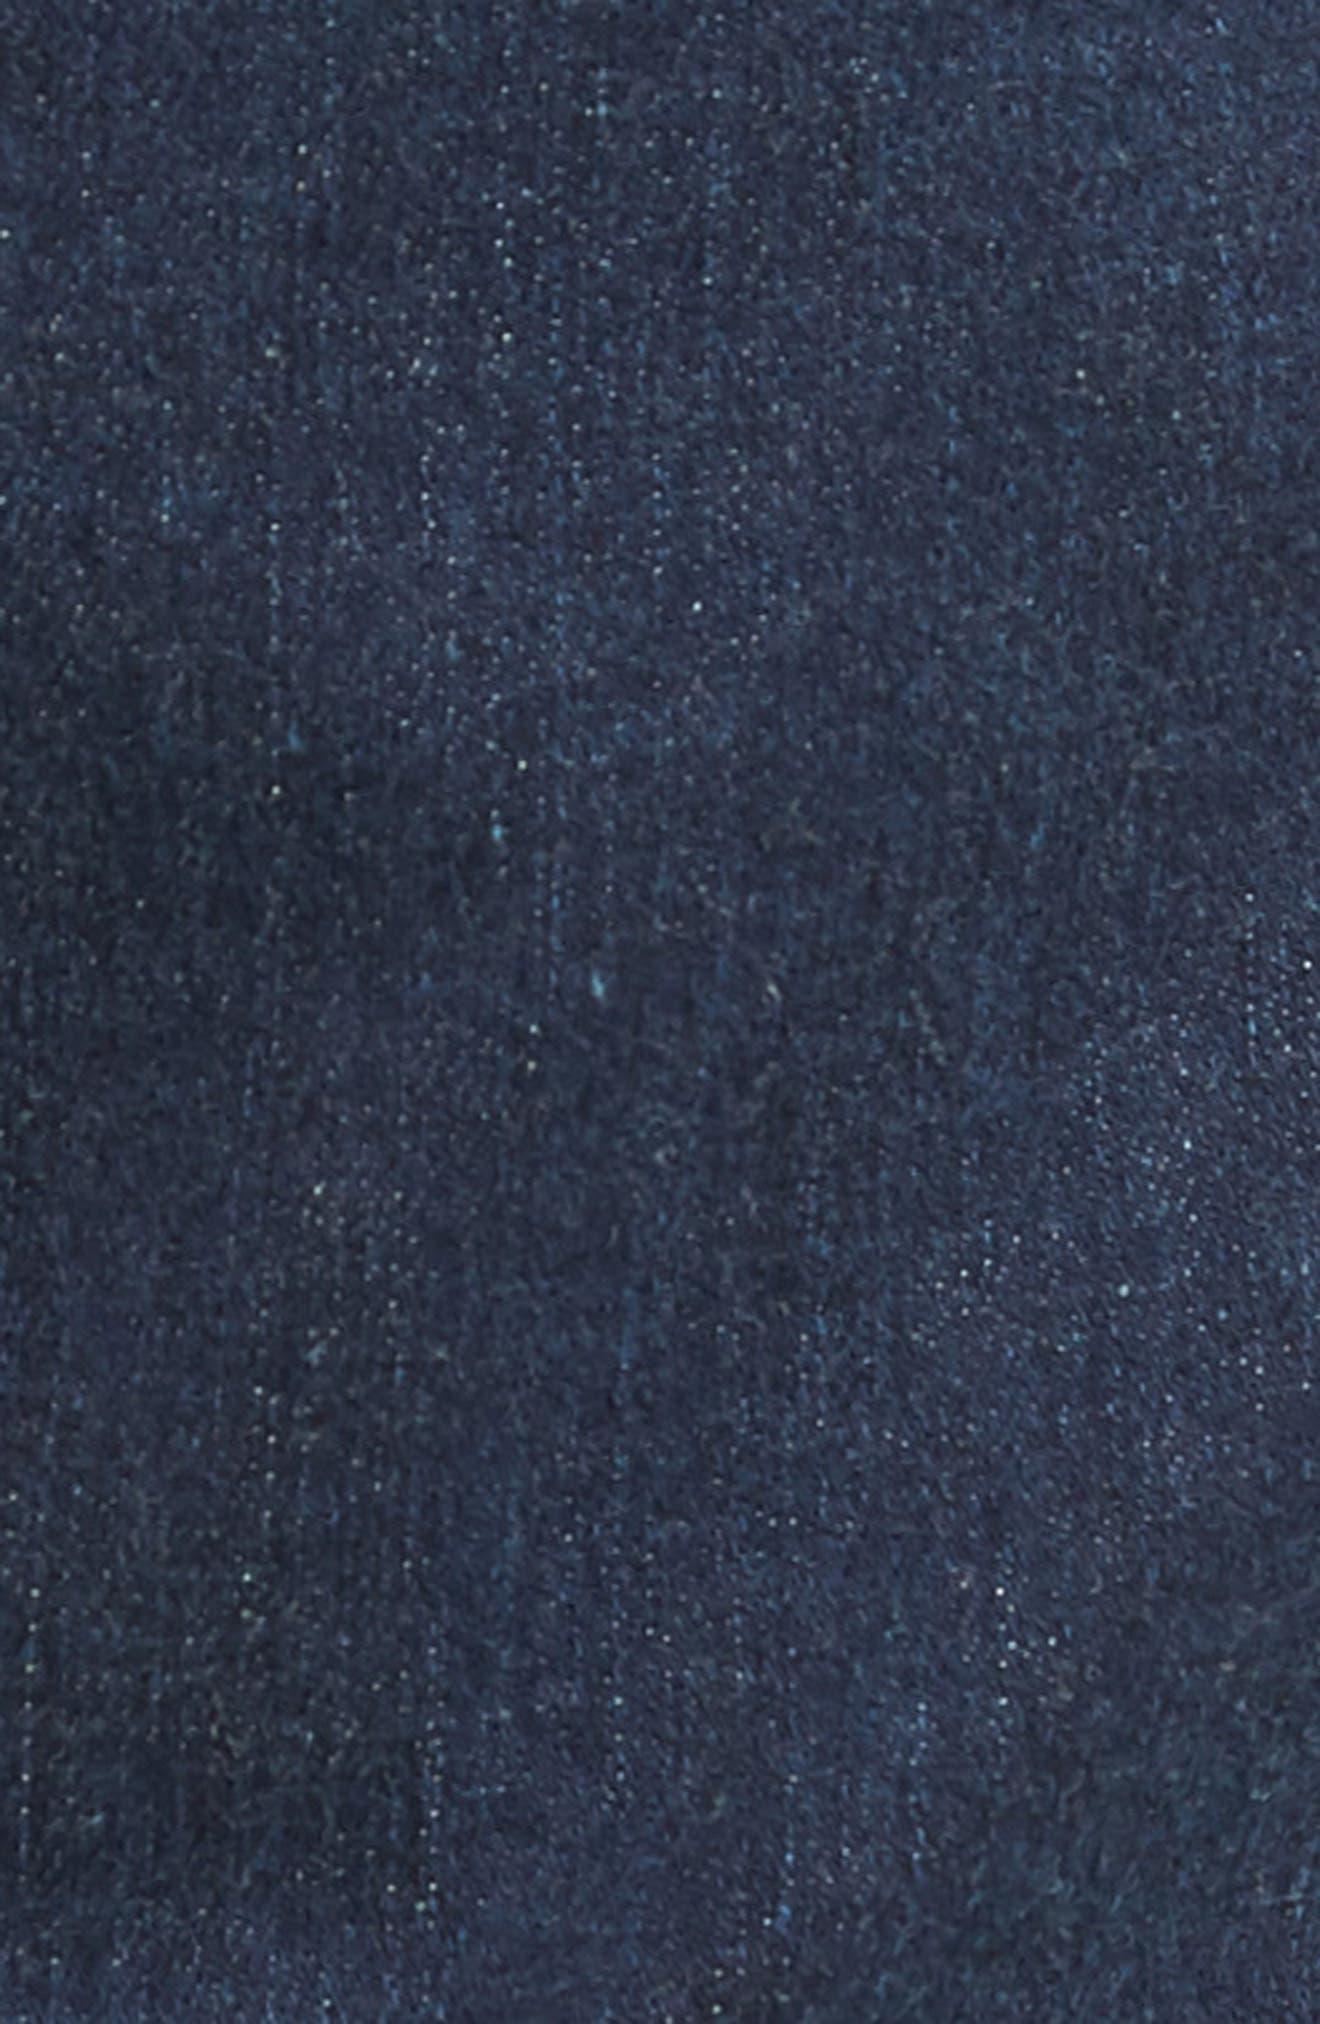 Slim Fit Jeans,                             Alternate thumbnail 5, color,                             Brett